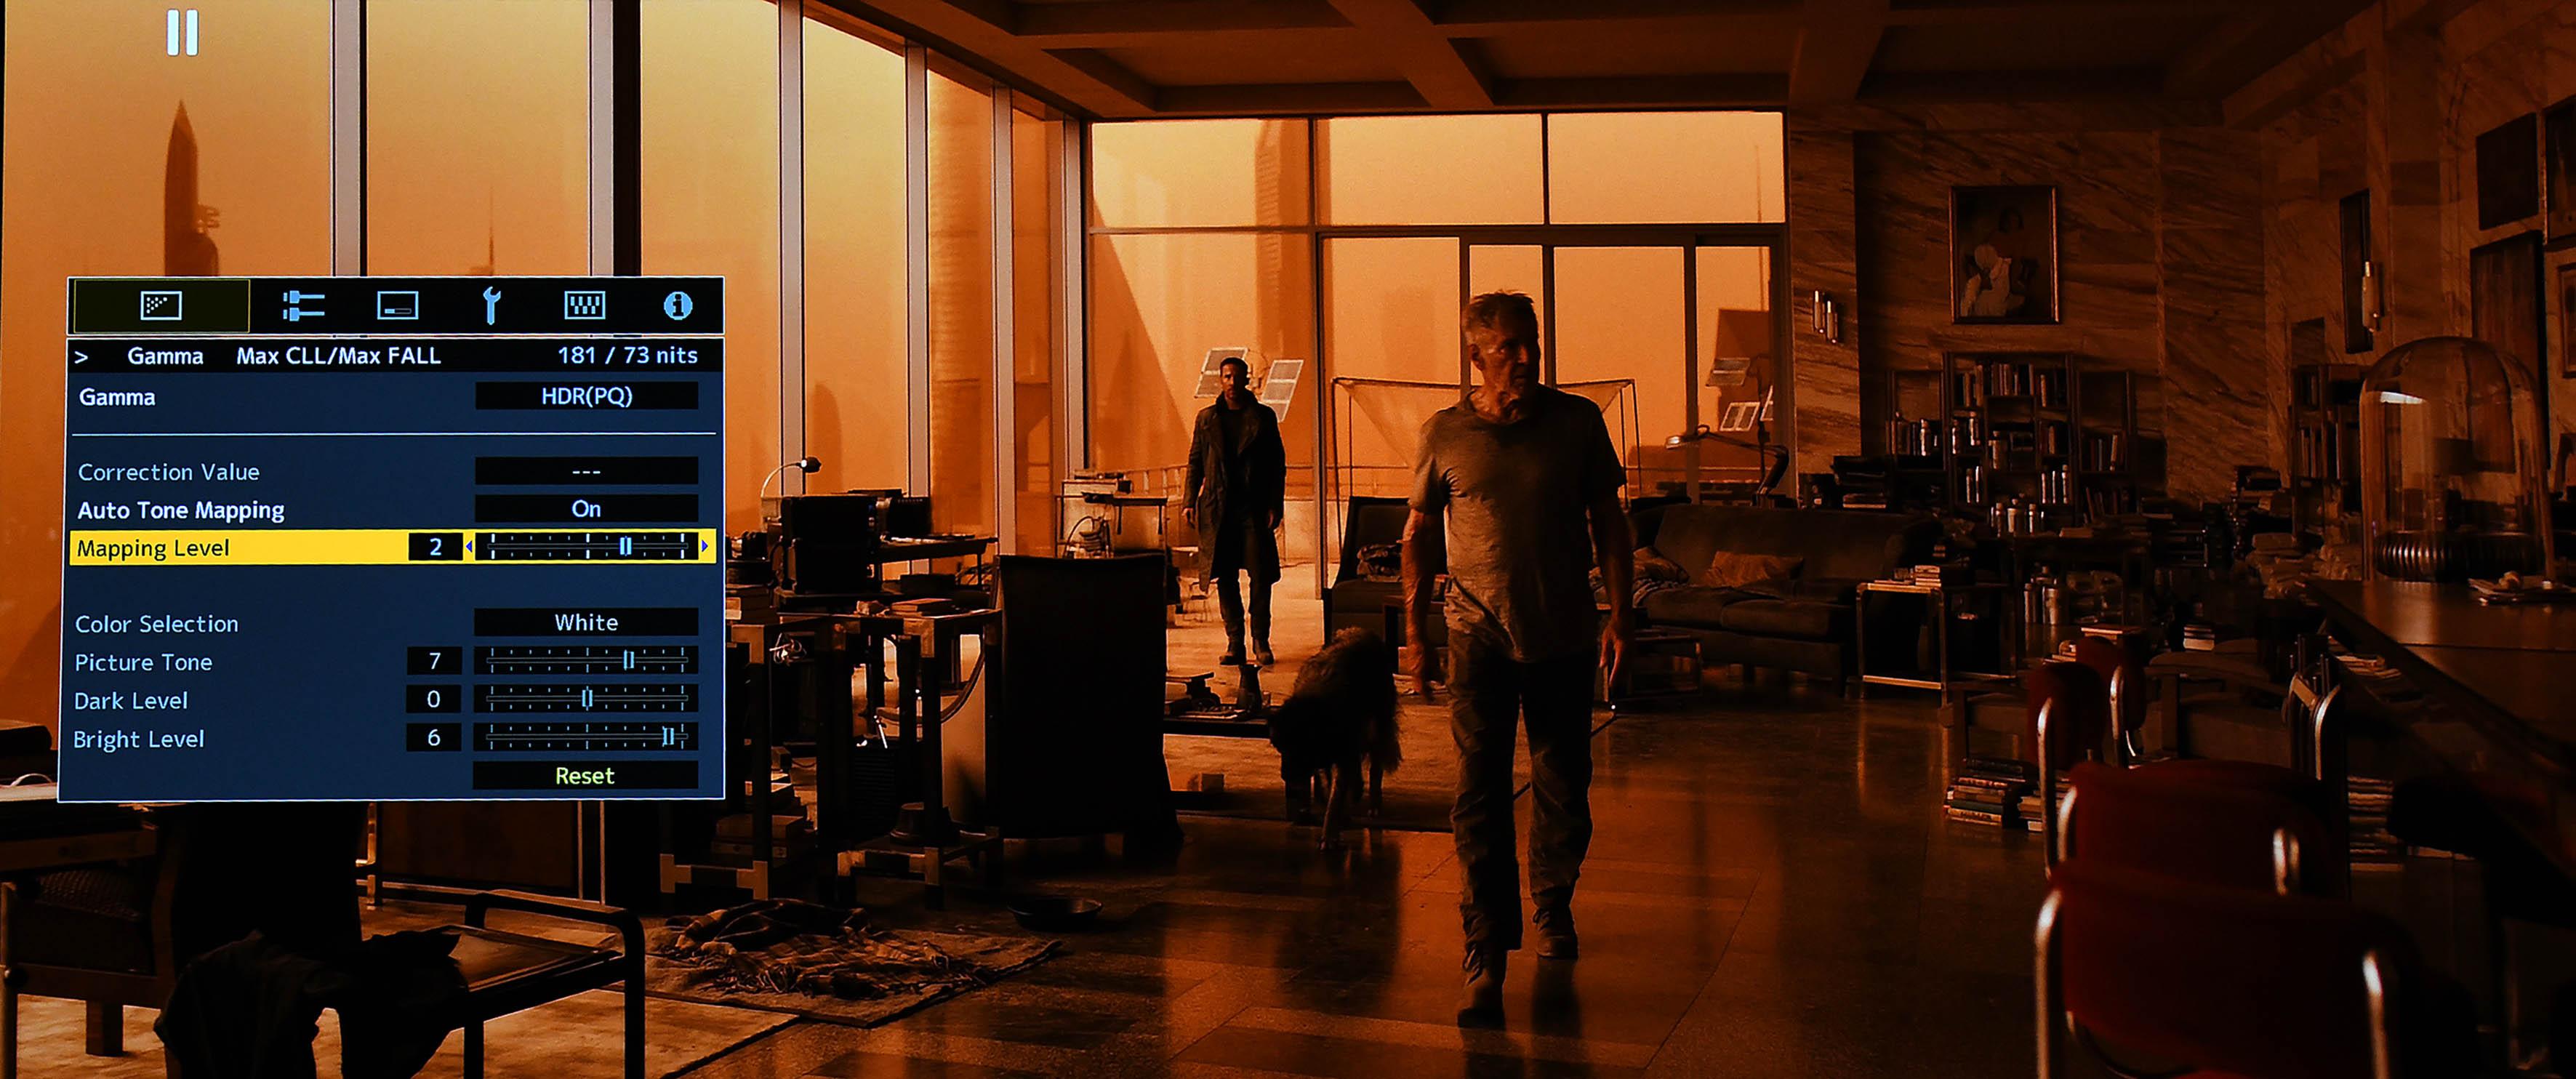 """Im Film """"Blade Runner 2049"""" demonstriert JVC, wie gut die automatische HDR-Darstellung funktioniert. Experten können darüber hinaus eigene Einstellungen vornehmen und sind nicht zwingend auf die Automatik angewiesen. Obendrein bietet JVC mit dem Feature """"Mapping Level"""" eine zusätzliche Anpassungsmöglichkeit für verschiedene Leinwandgrößen. Sehr gut!"""